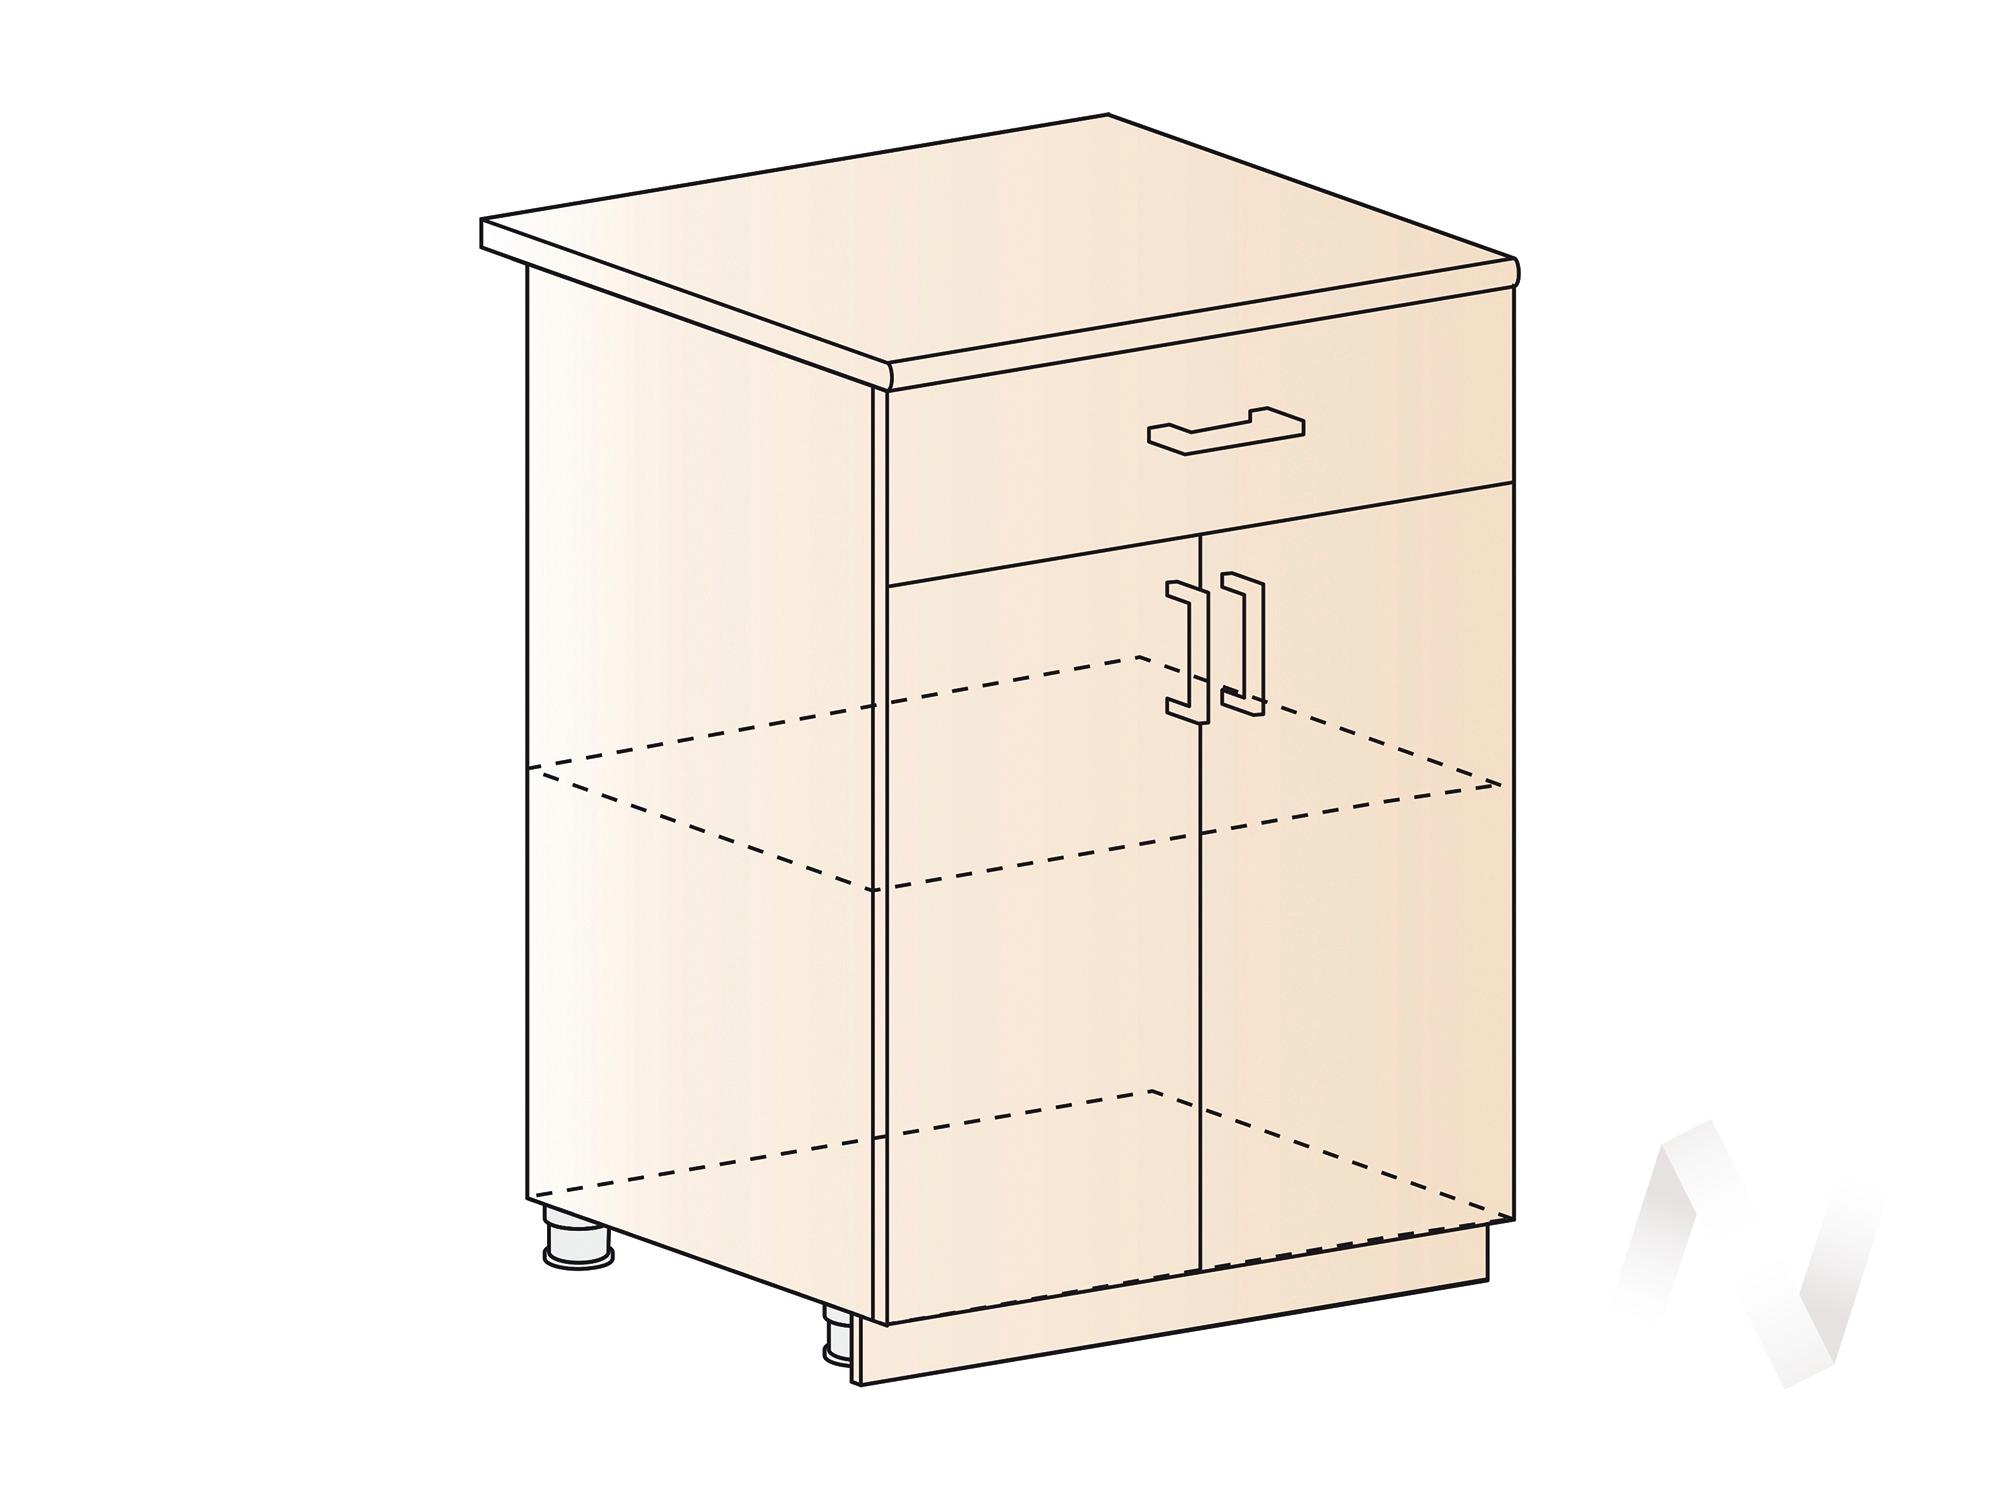 """Кухня """"Струна"""": Шкаф нижний с ящиком 600, ШН1Я 600 М (фиолетовый металлик/корпус венге) в Новосибирске в интернет-магазине мебели kuhnya54.ru"""